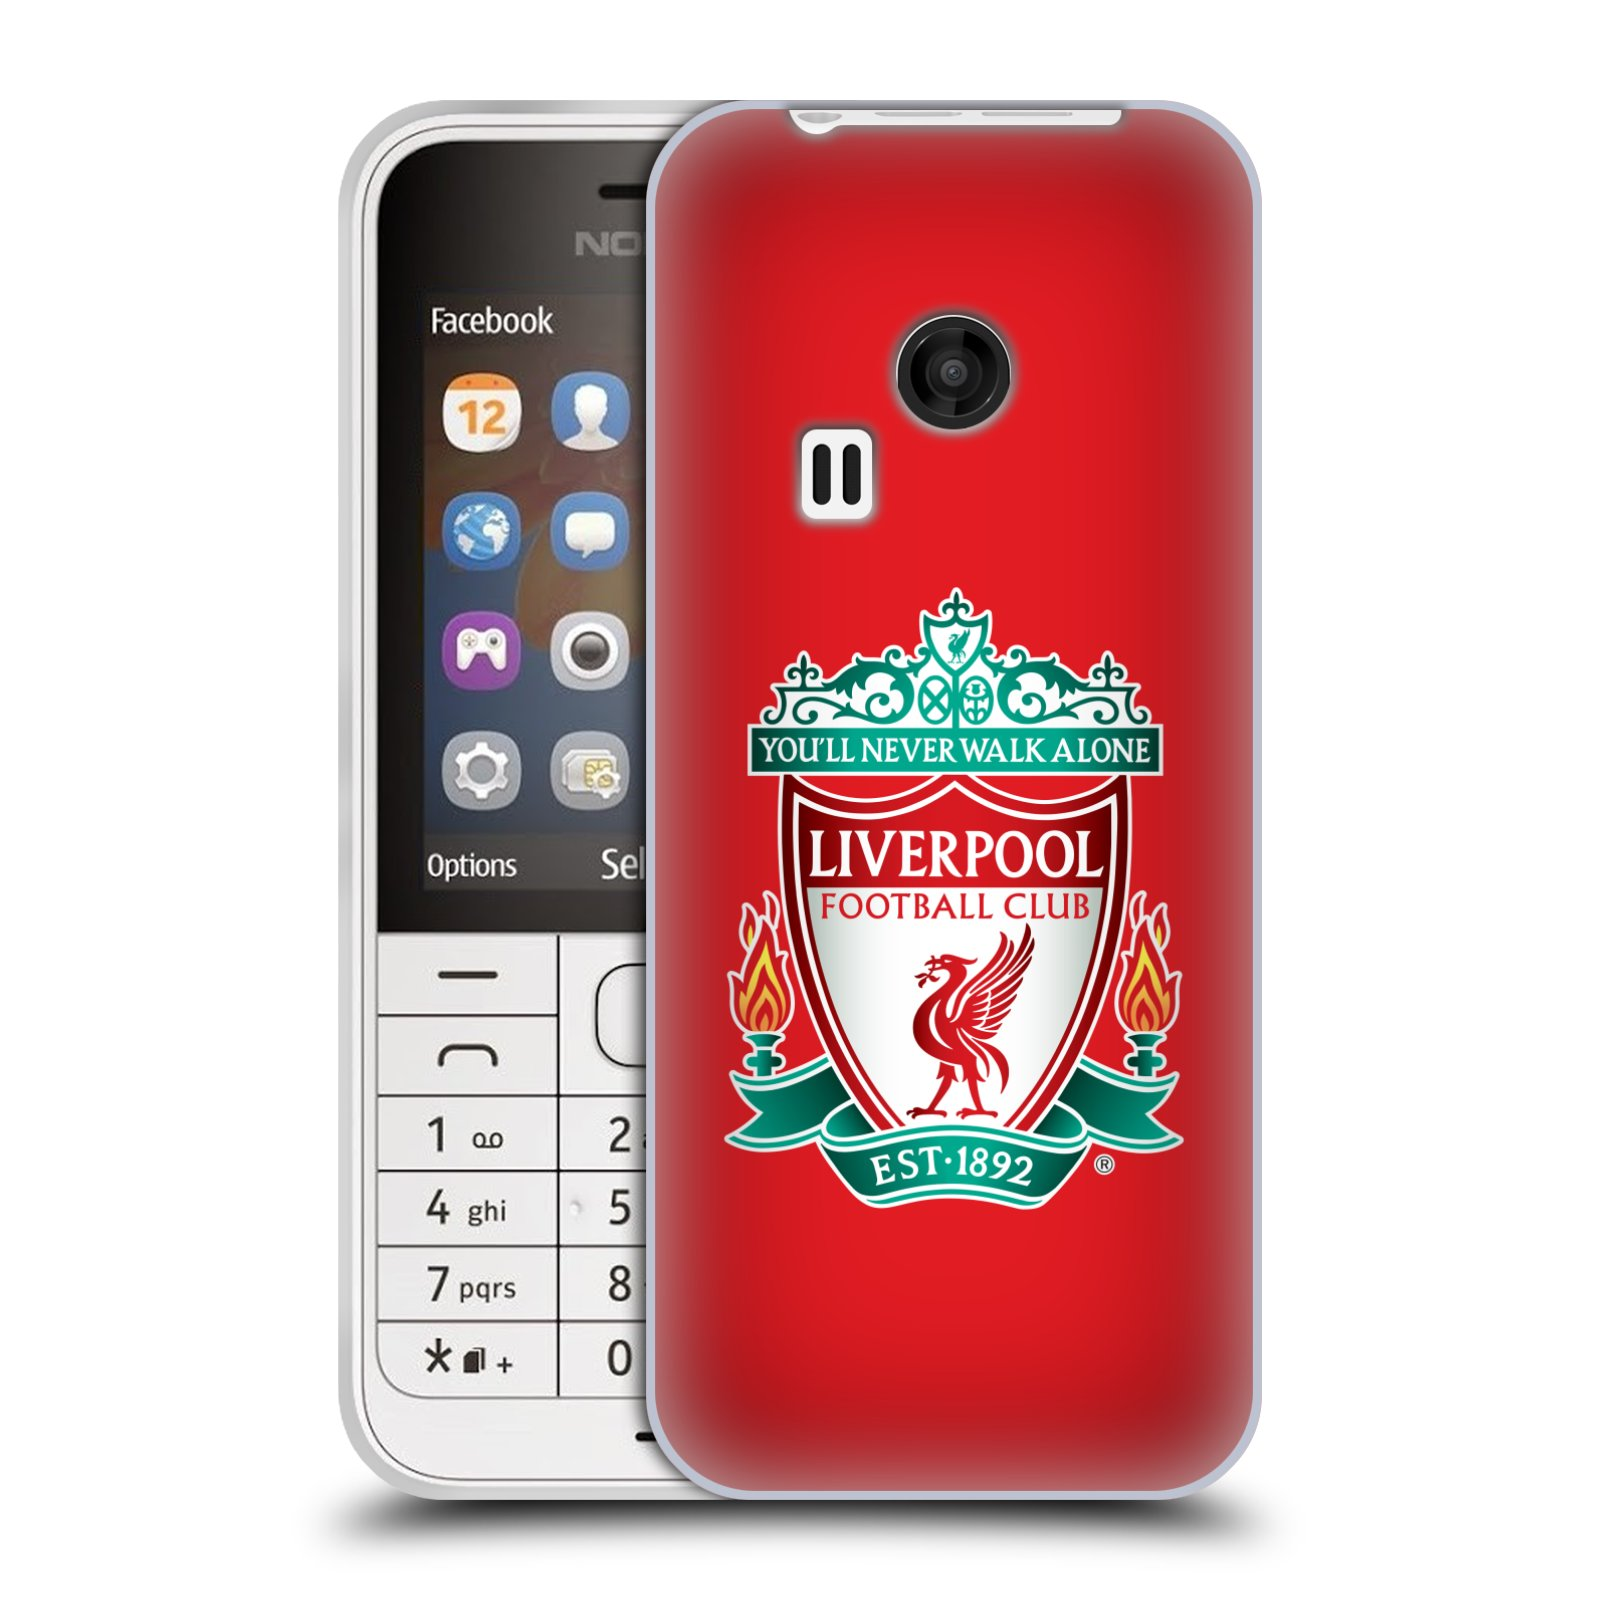 Silikonové pouzdro na mobil Nokia 220 HEAD CASE ZNAK LIVERPOOL FC OFFICIAL RED (Silikonový kryt či obal na mobilní telefon Liverpool FC Official pro Nokia 220 a 220 Dual SIM)